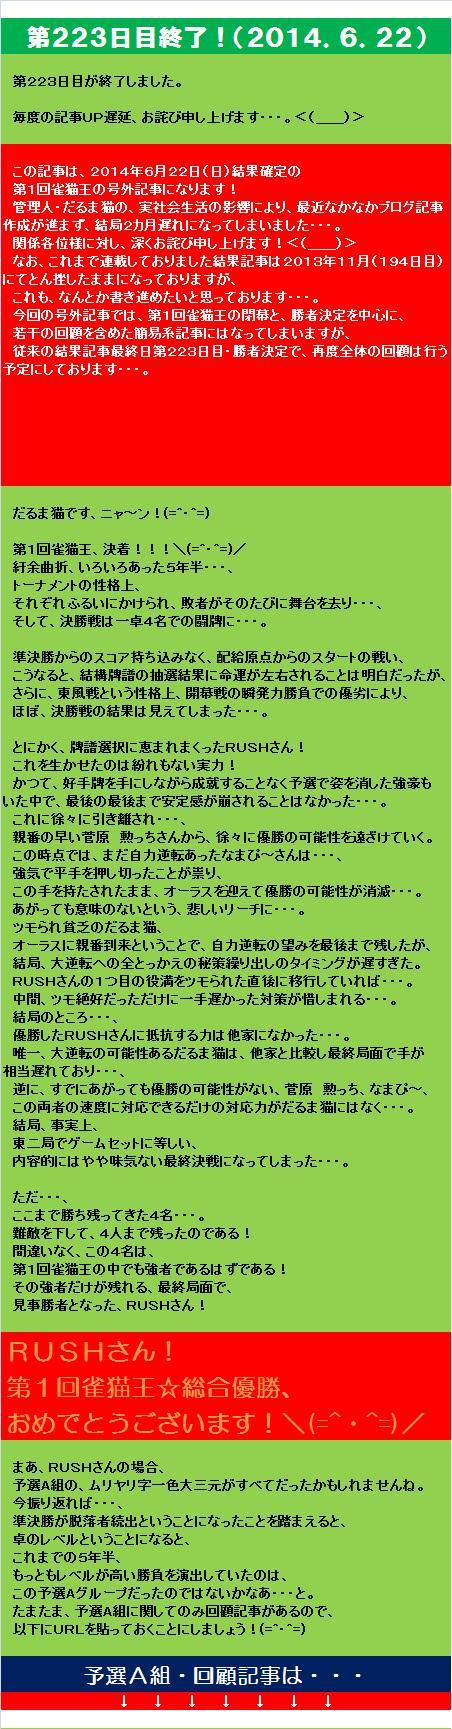 20140811・雀猫王ニュース・号外②.jpg